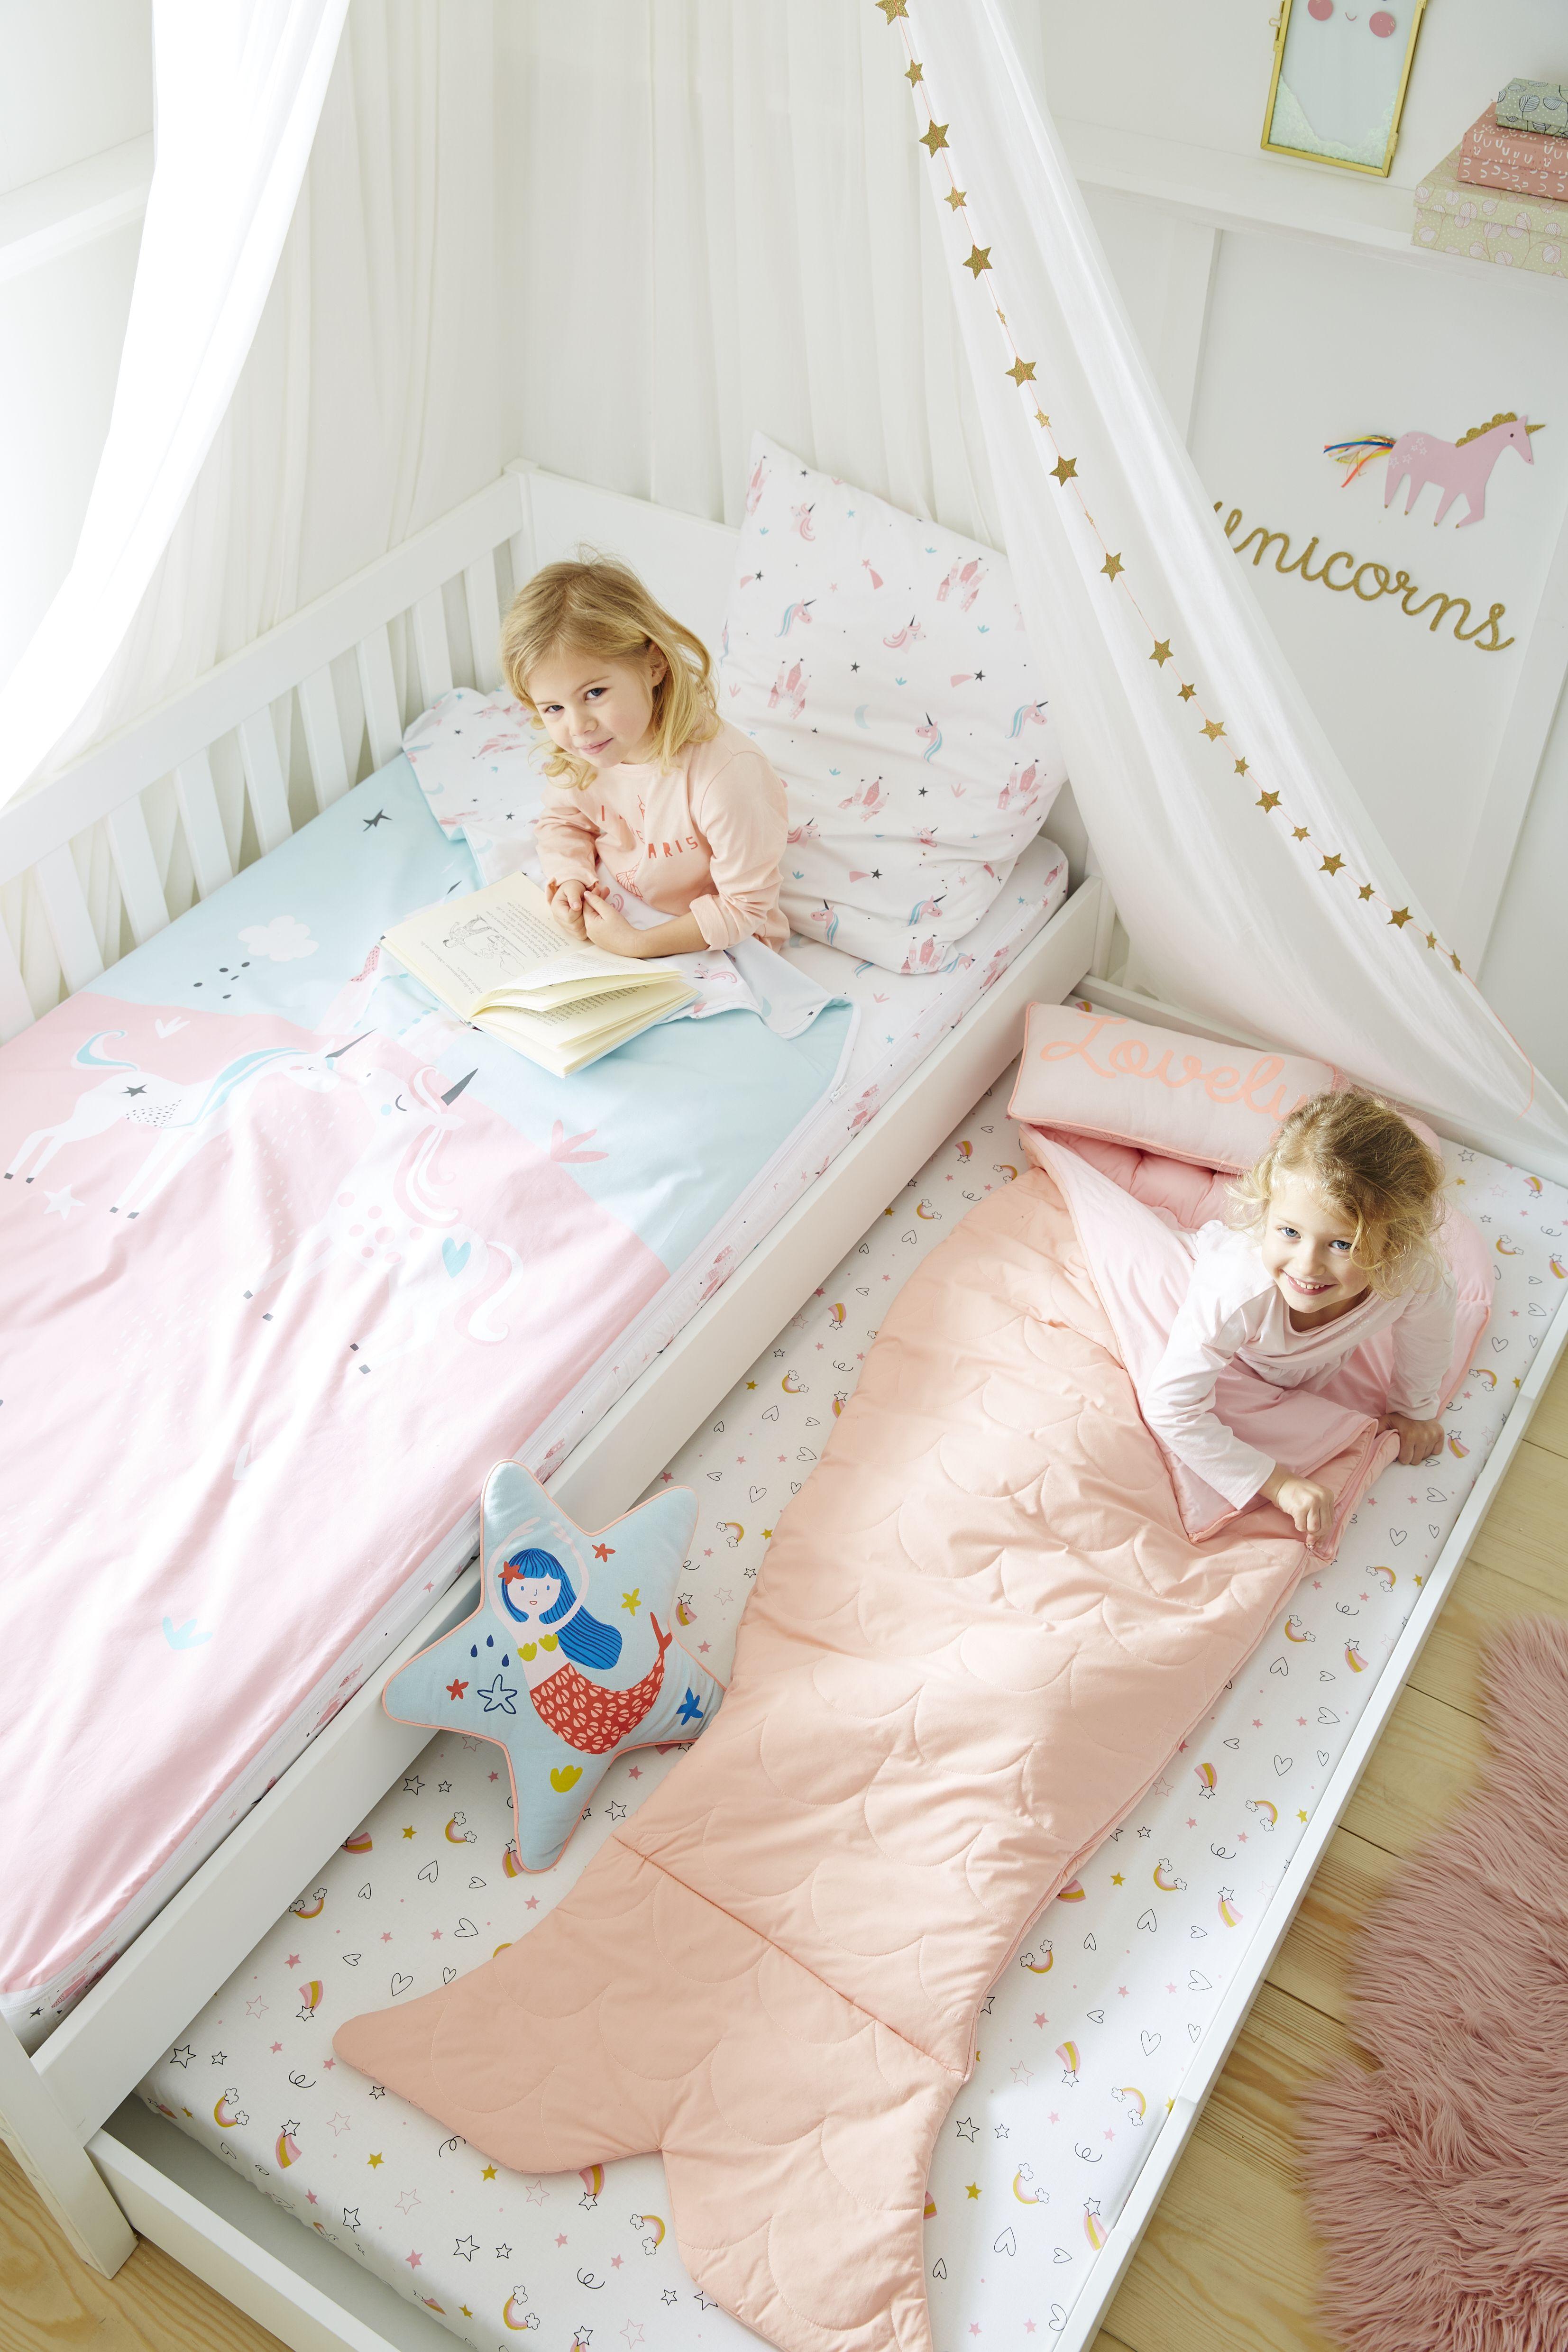 Epingle Par Fournier Sur Chambres De Petite Fille Sac De